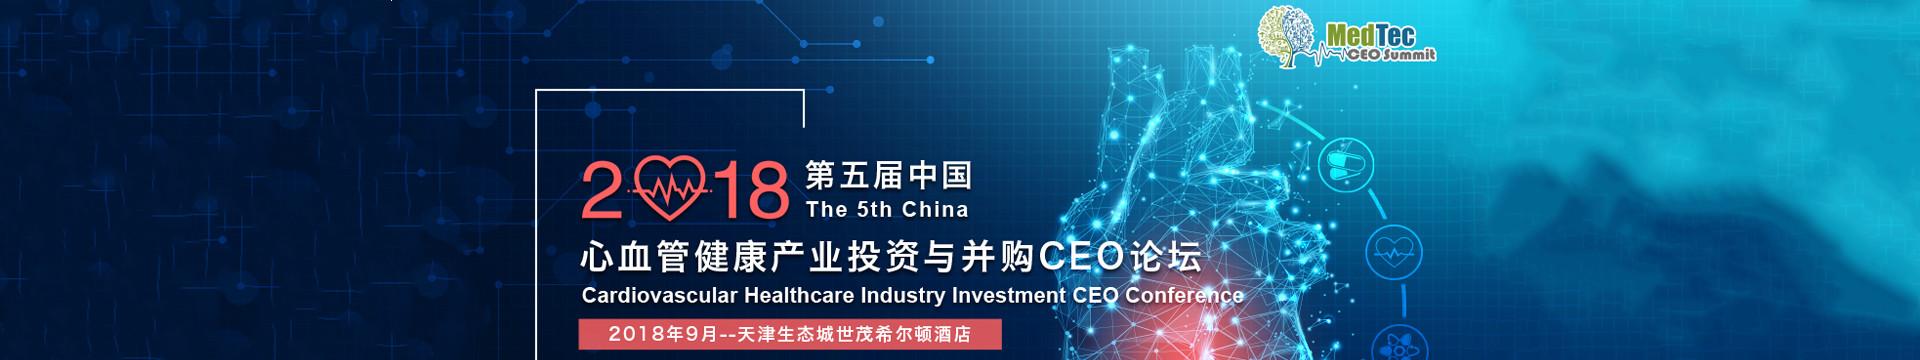 2018第五届心血管健康产业投资与并购CEO论坛